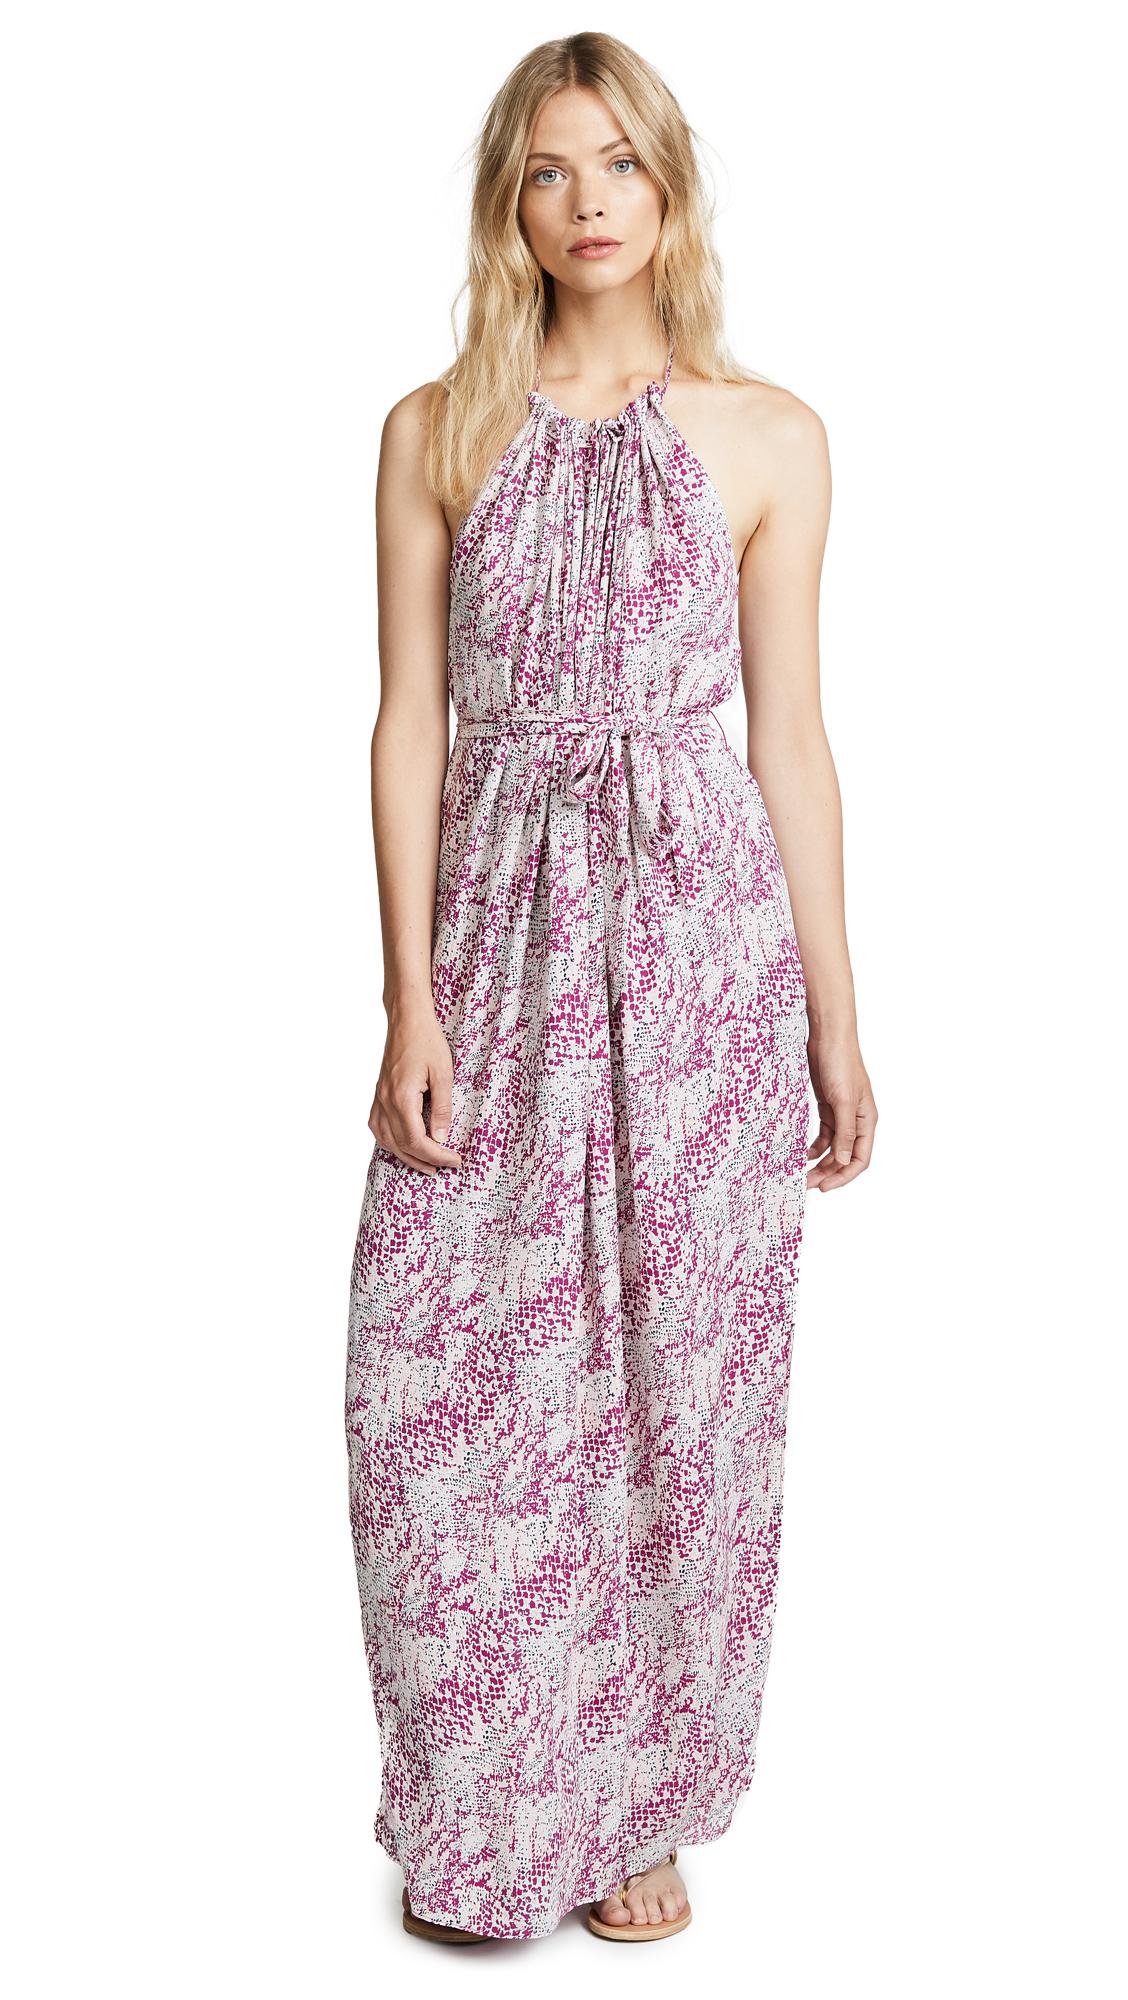 Ramy Brook Naomi Dress